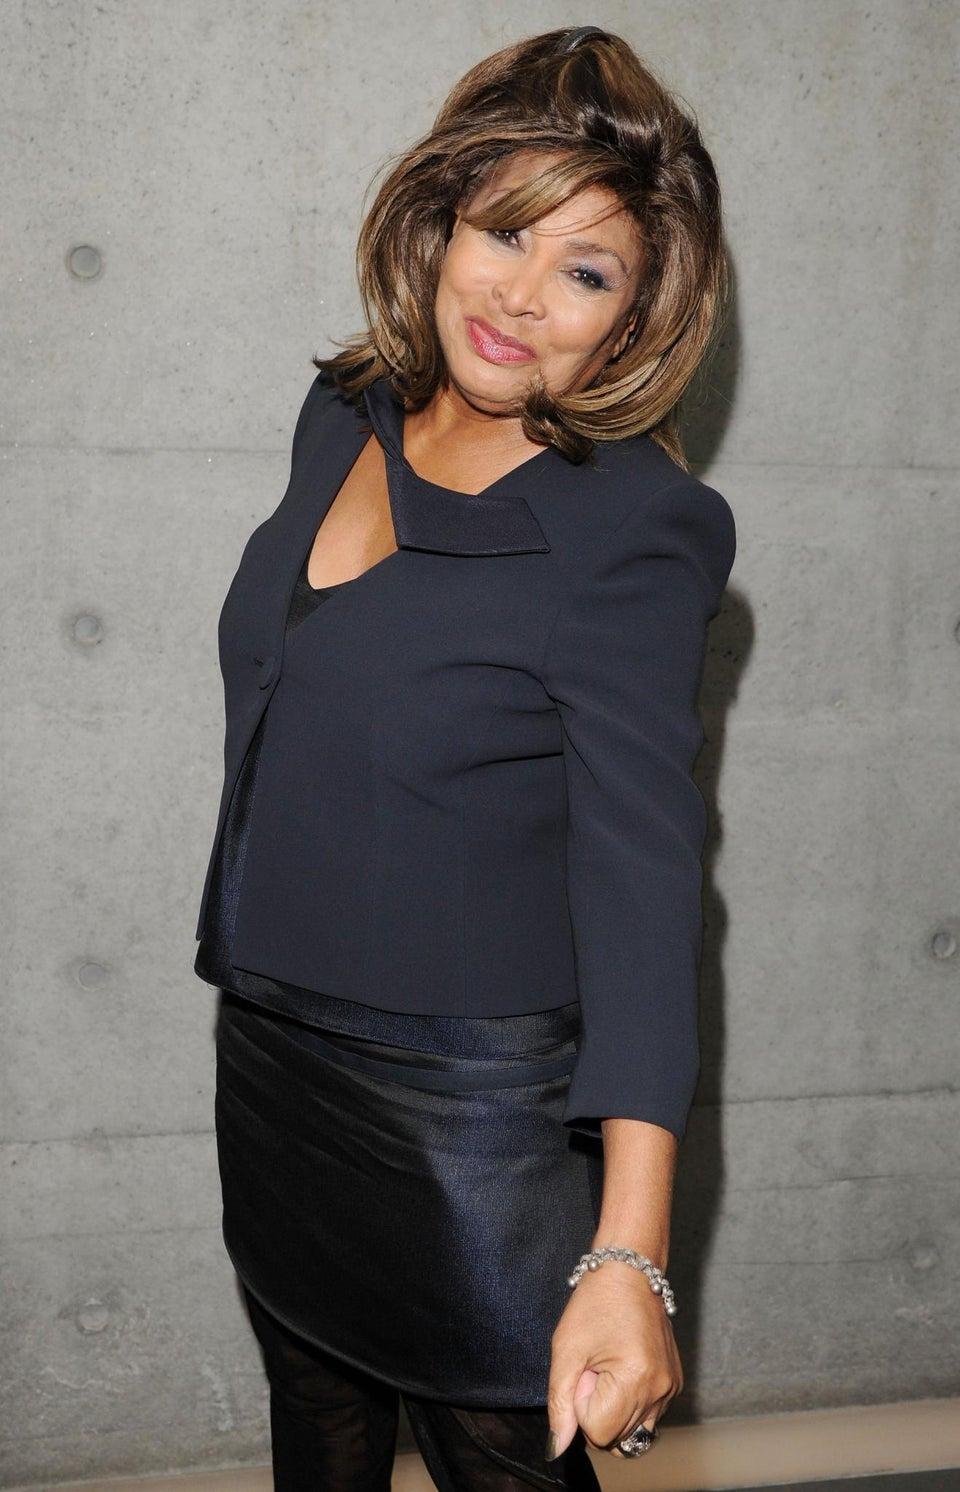 Tina Turner Ties The Knot